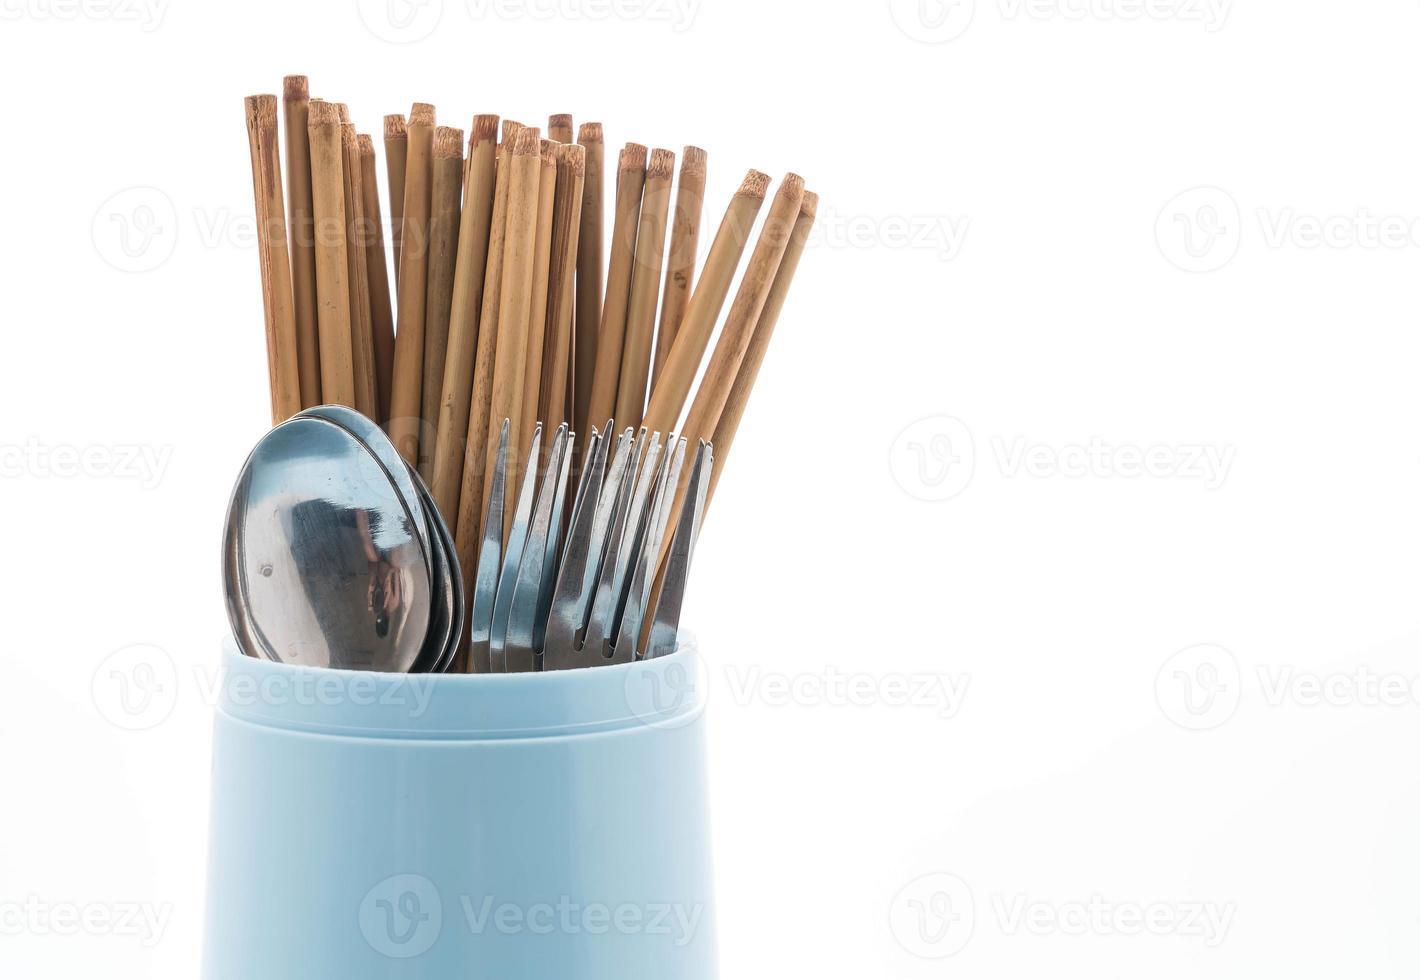 portaposate con bacchette, cucchiaio e forchetta su sfondo bianco foto